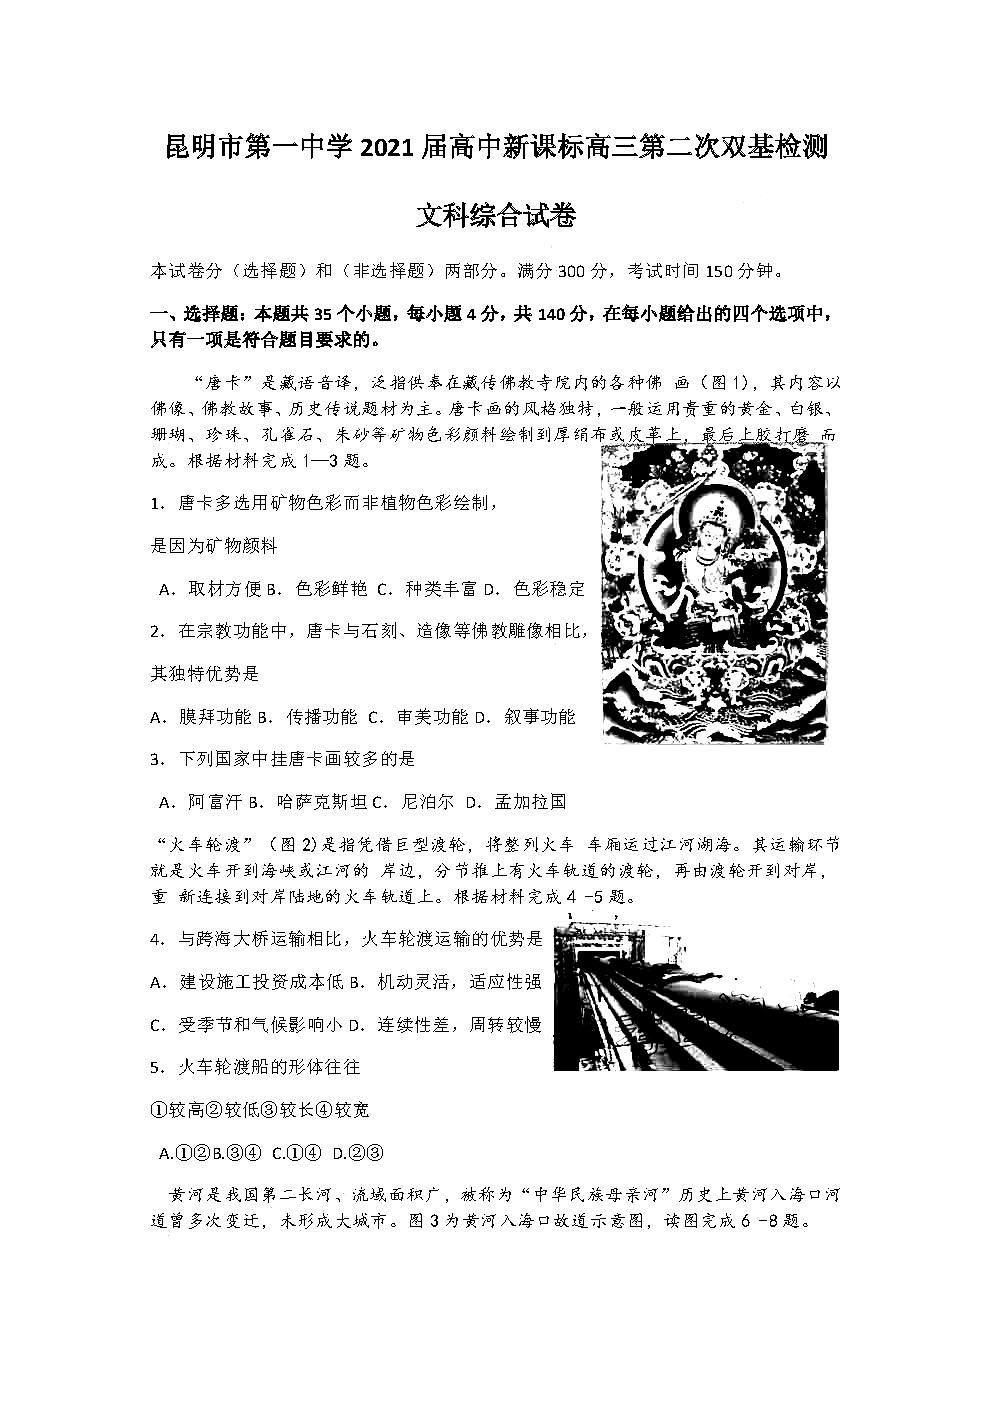 2021云南昆明一中高三月考(二)政治试卷答案解析图1